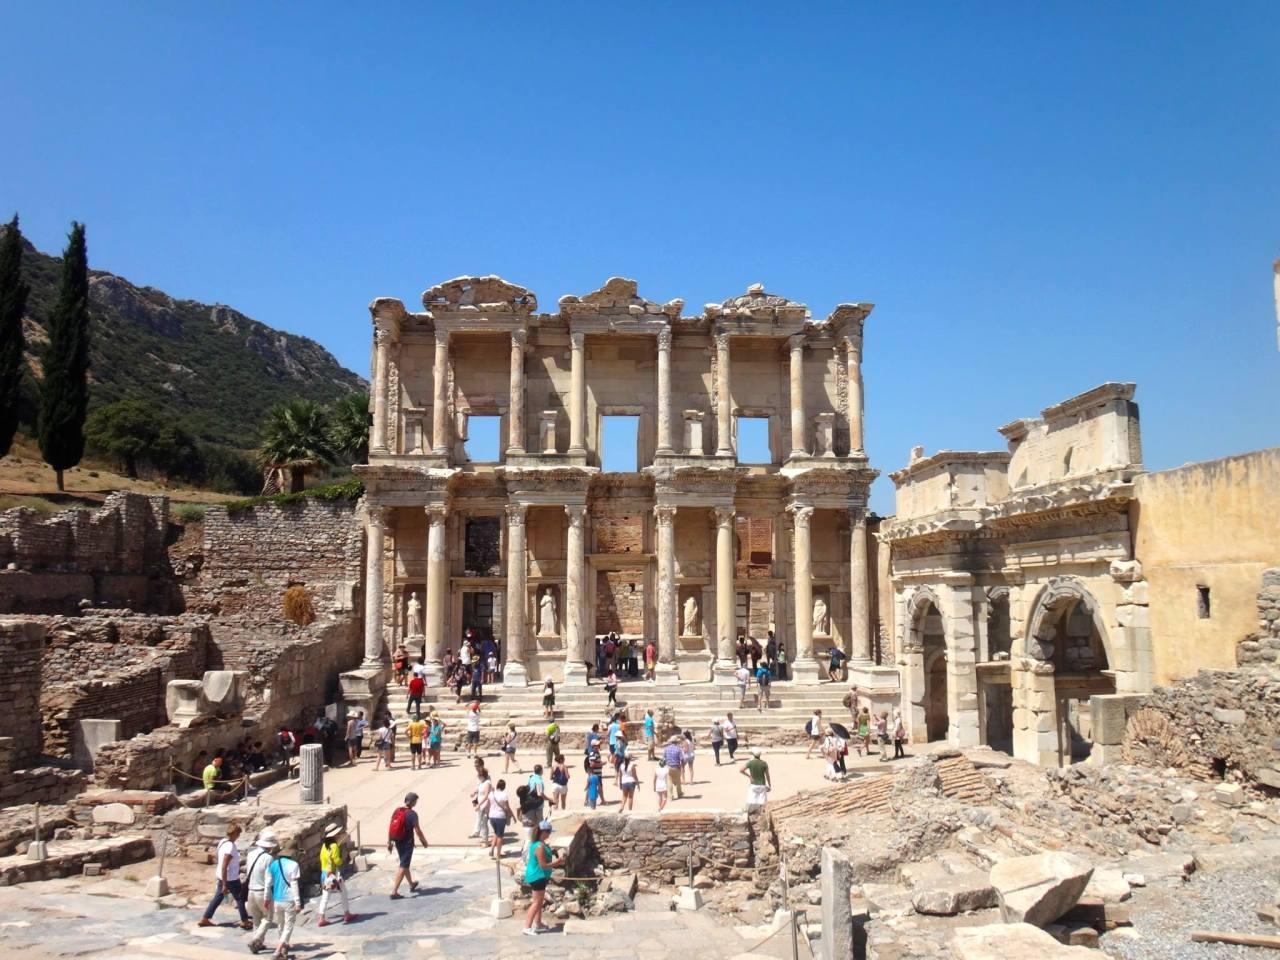 La Turquie, sur le chemin de l'histoire… Çanakkale, Bozcaada, Troie, Pergamon, Éphèse, Bodrum2014